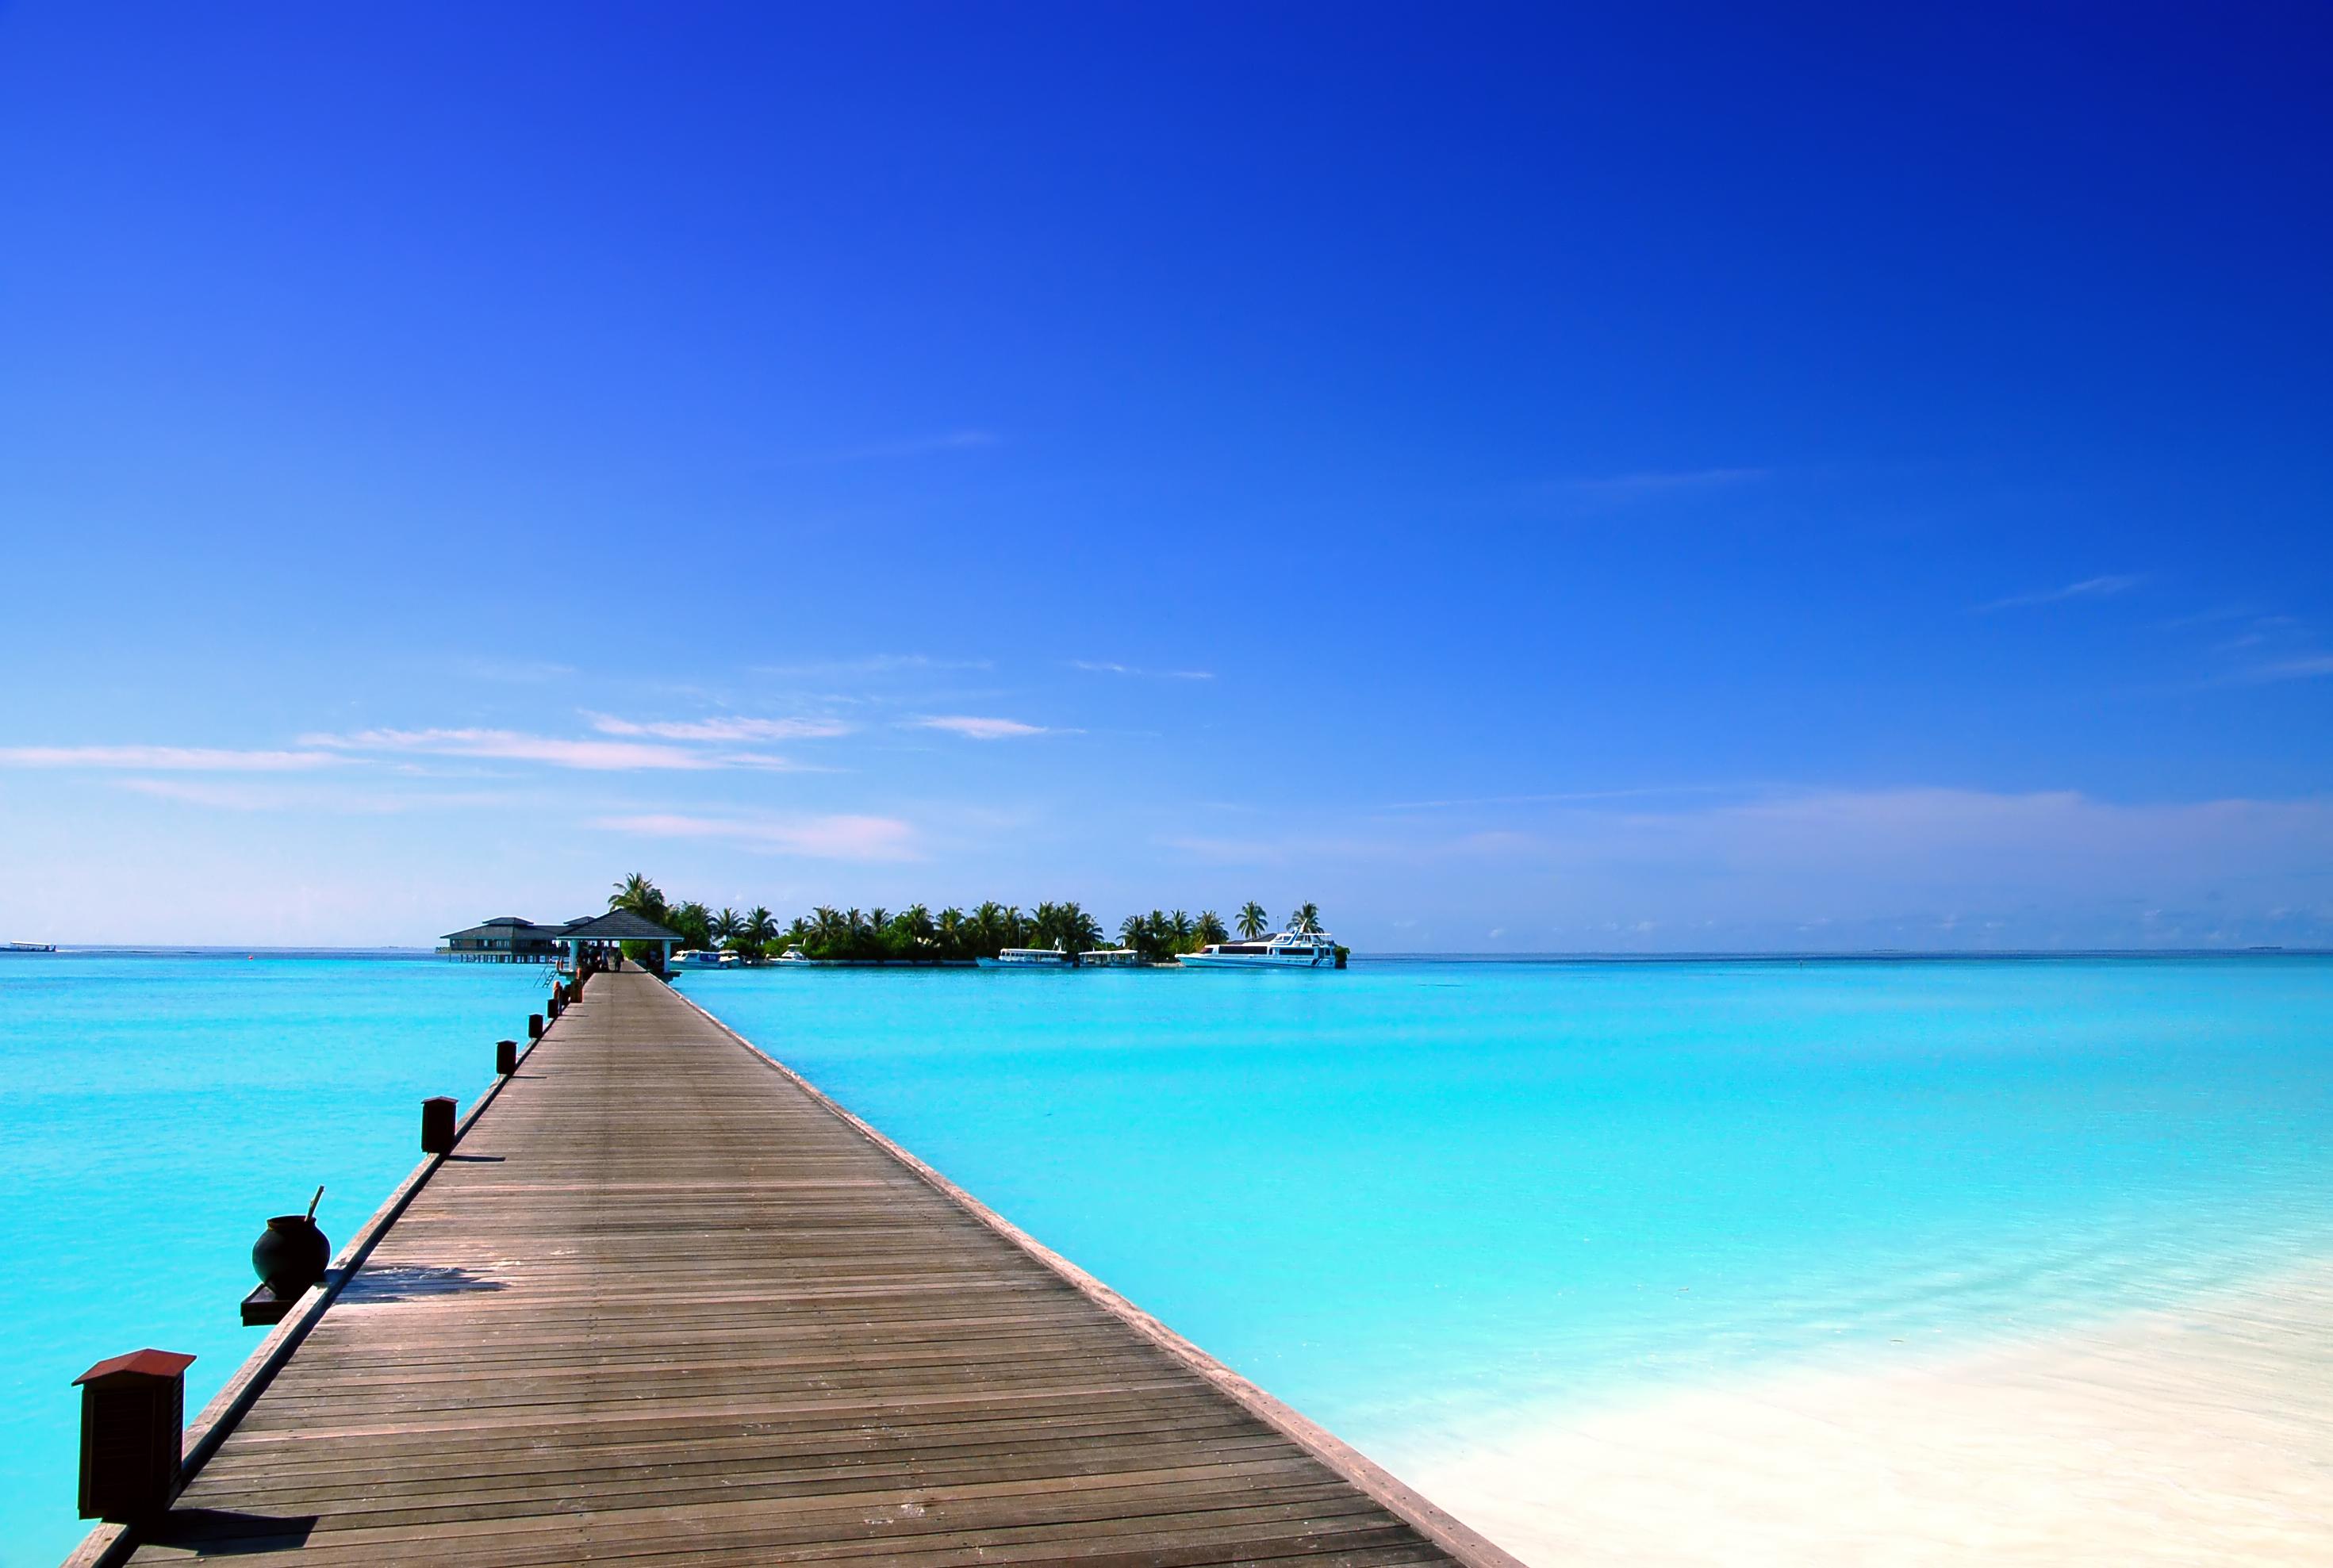 hotel pier Maldives Sun Island Sun Island hotel Maldives islands 2941x1977